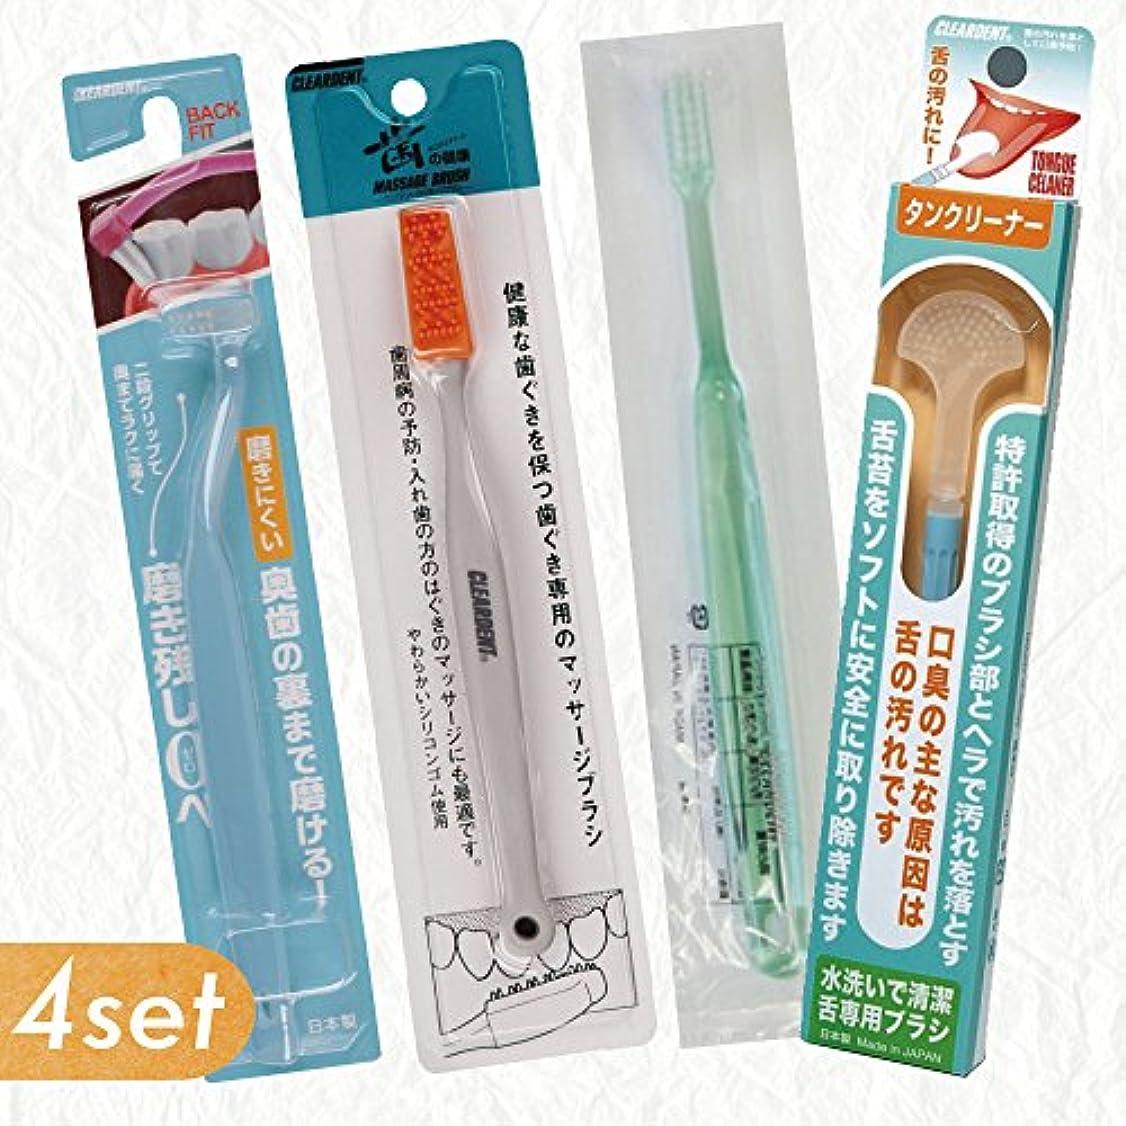 検査官マイクロプロセッサ倫理【CLEARDENT】(4点セット)はぐきマッサージブラシ+タンクリーナー+バックフィット+歯ブラシ各1本(色は指定できません。)